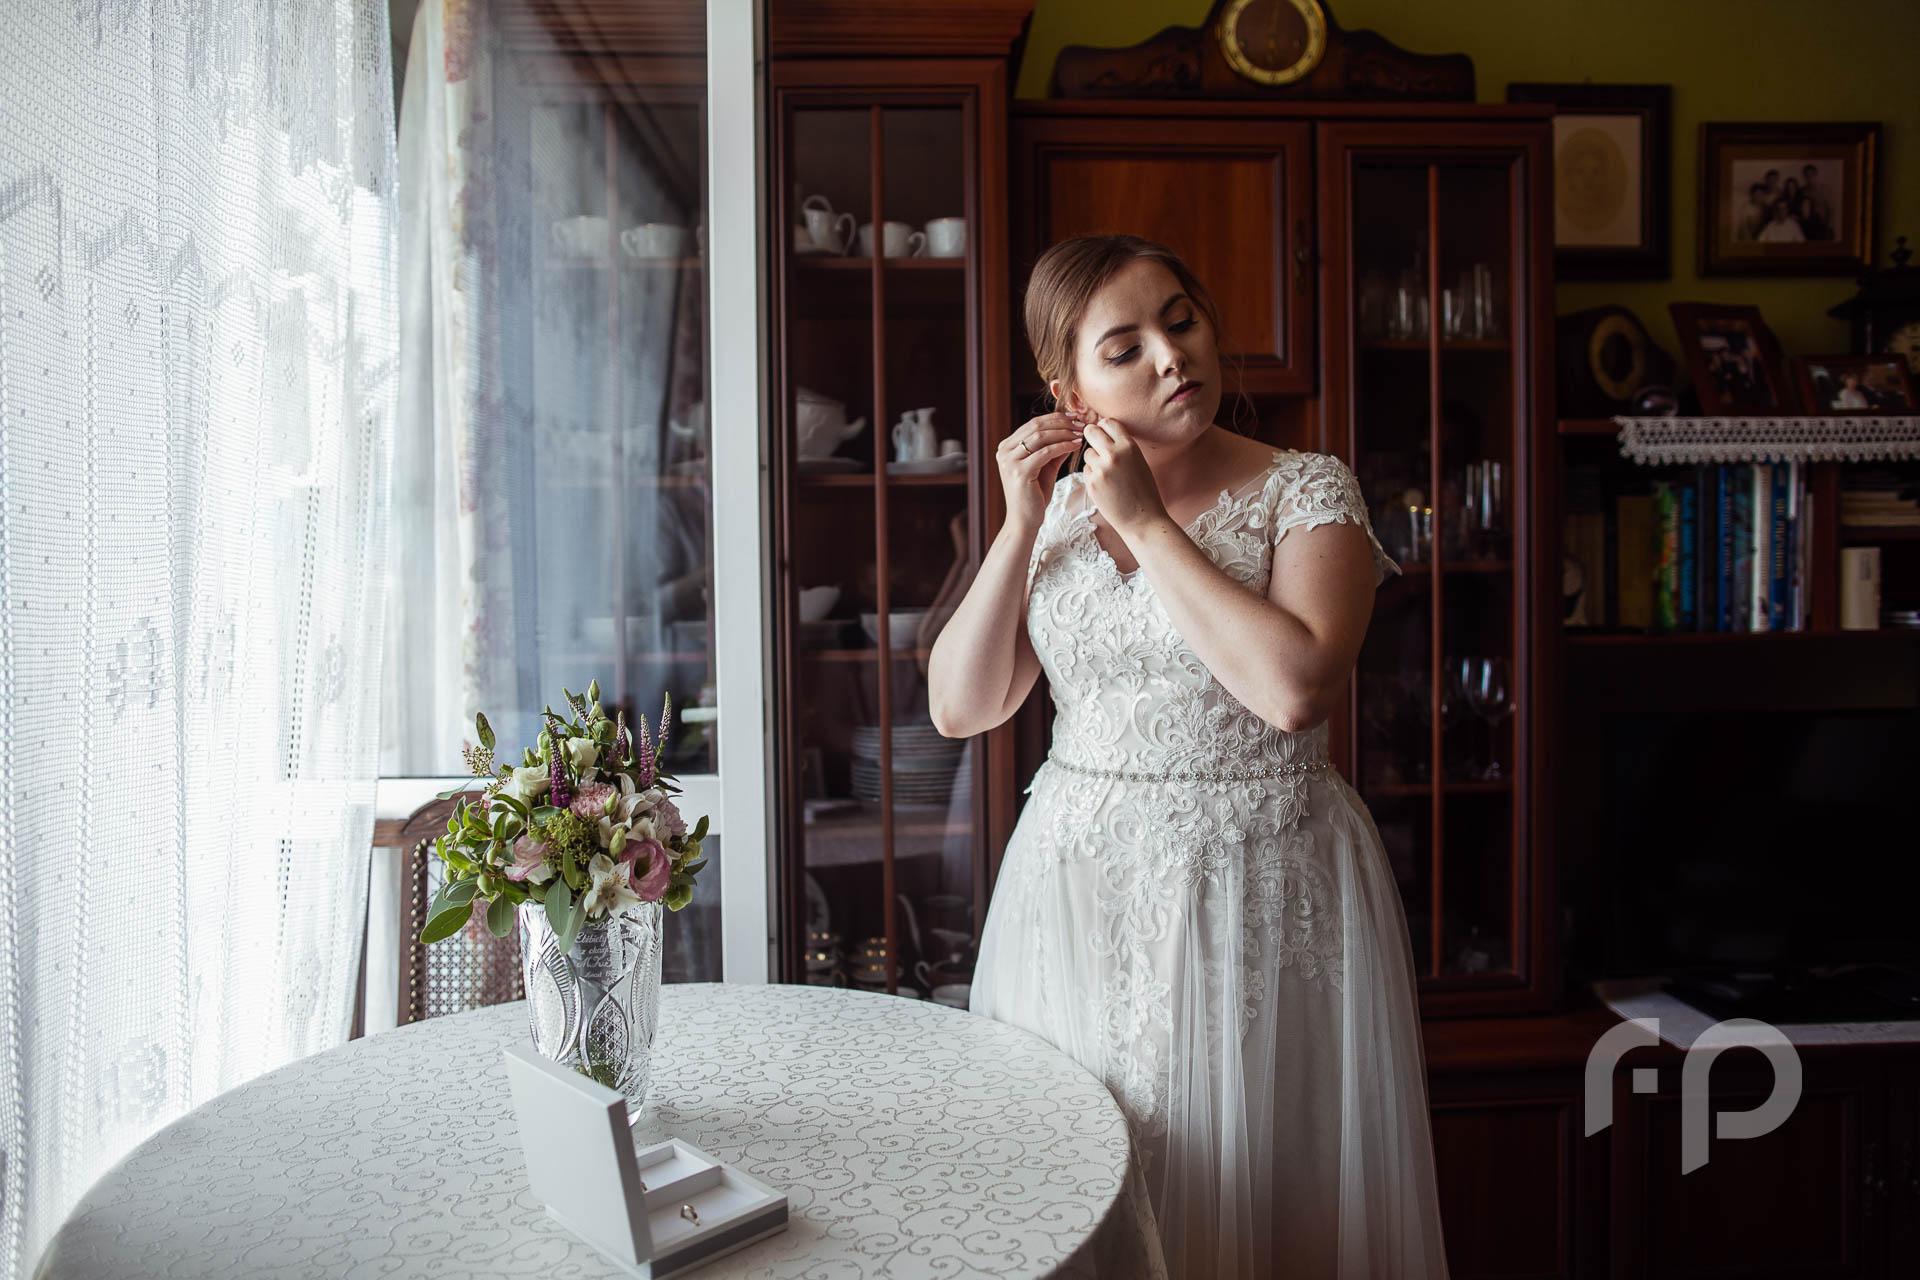 przygotowania do ślubu córki